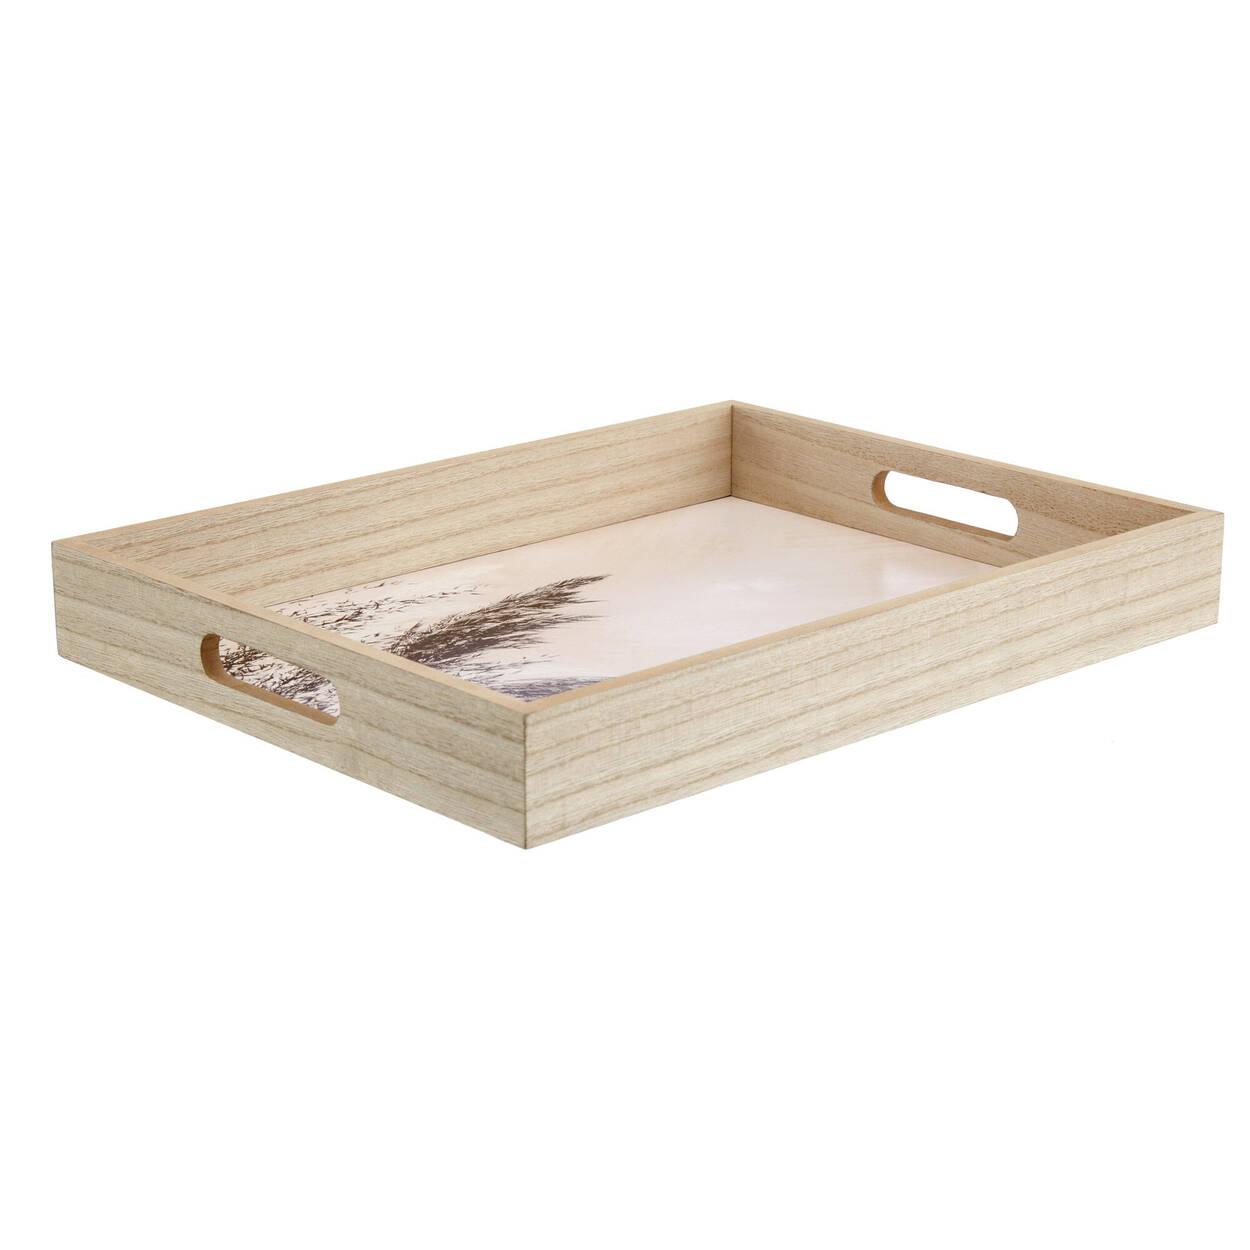 Plateau rectangulaire en bois naturel